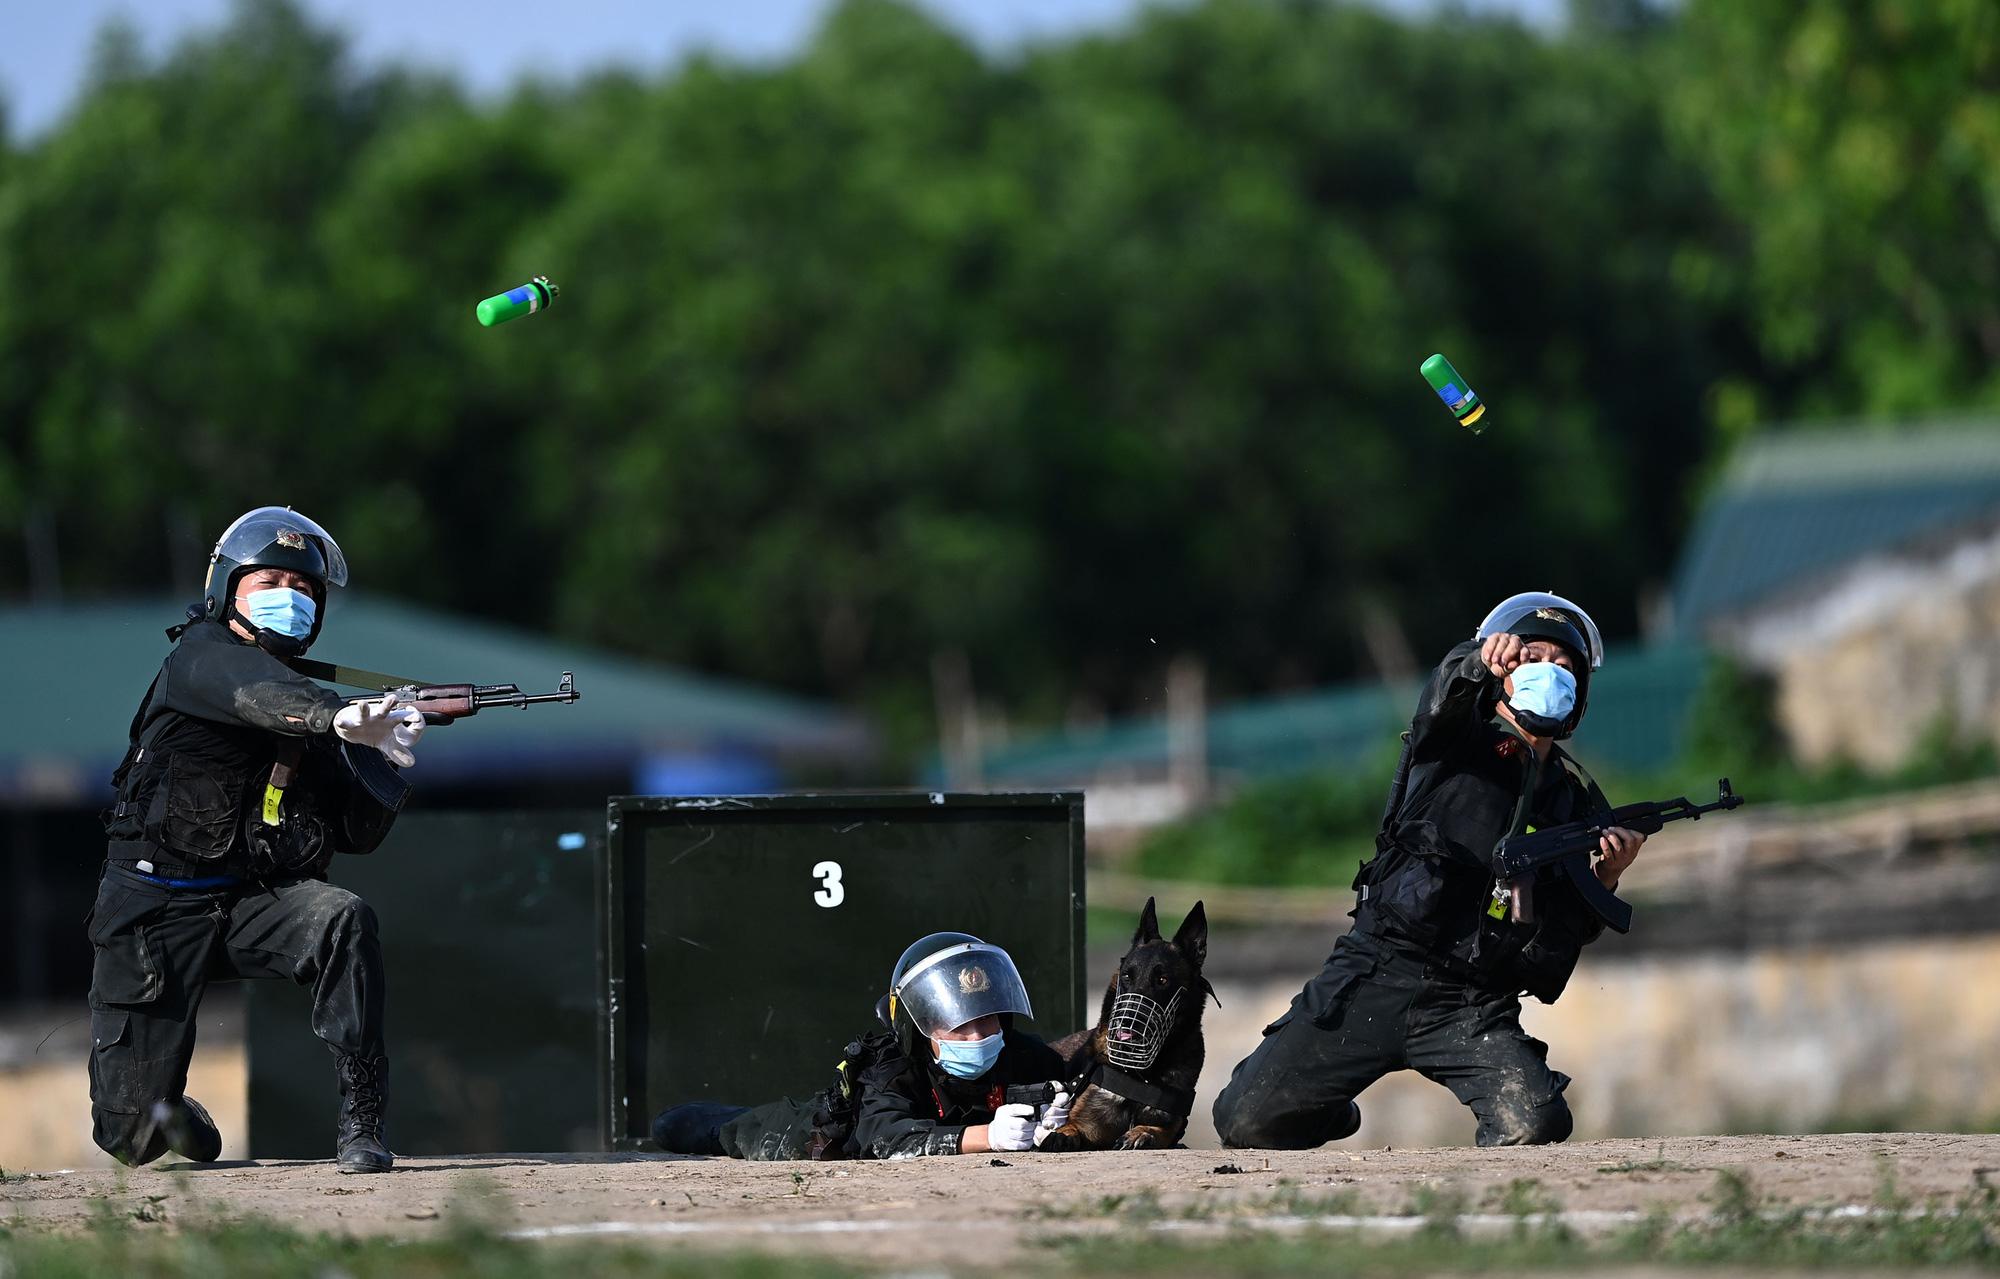 Mãn nhãn với màn biểu diễn võ thuật, nổ súng truy bắt tội phạm của Cảnh sát cơ động cùng những chiến binh đặc biệt - Ảnh 5.